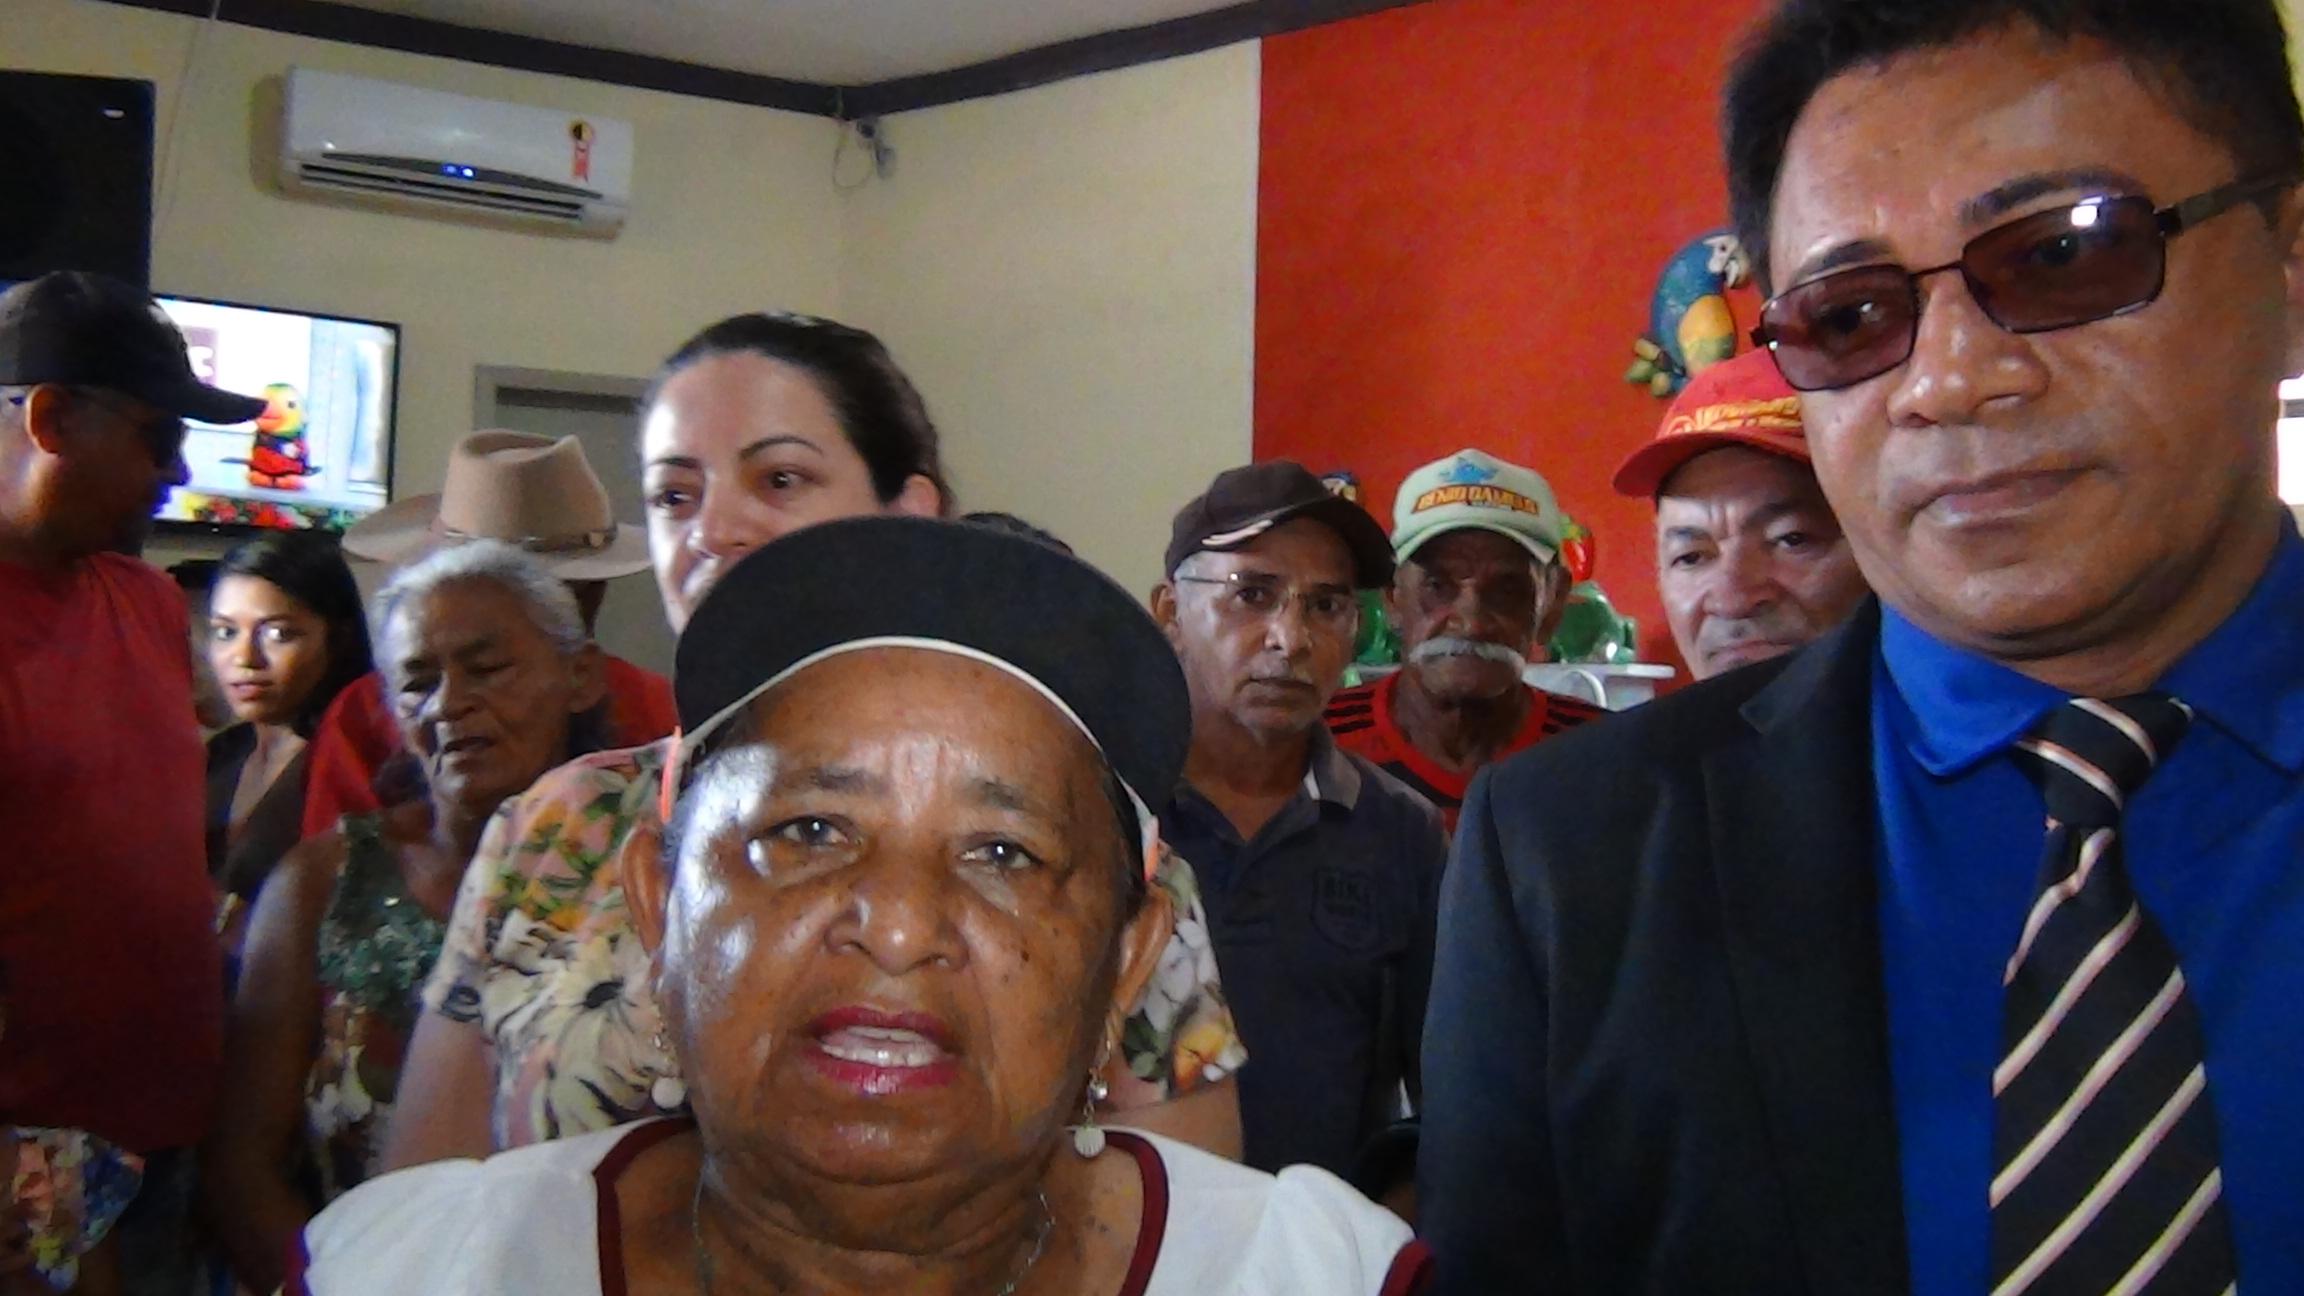 Empresário João Araújo celebra aniversário ao lado de amigos e familiares em José de Freitas